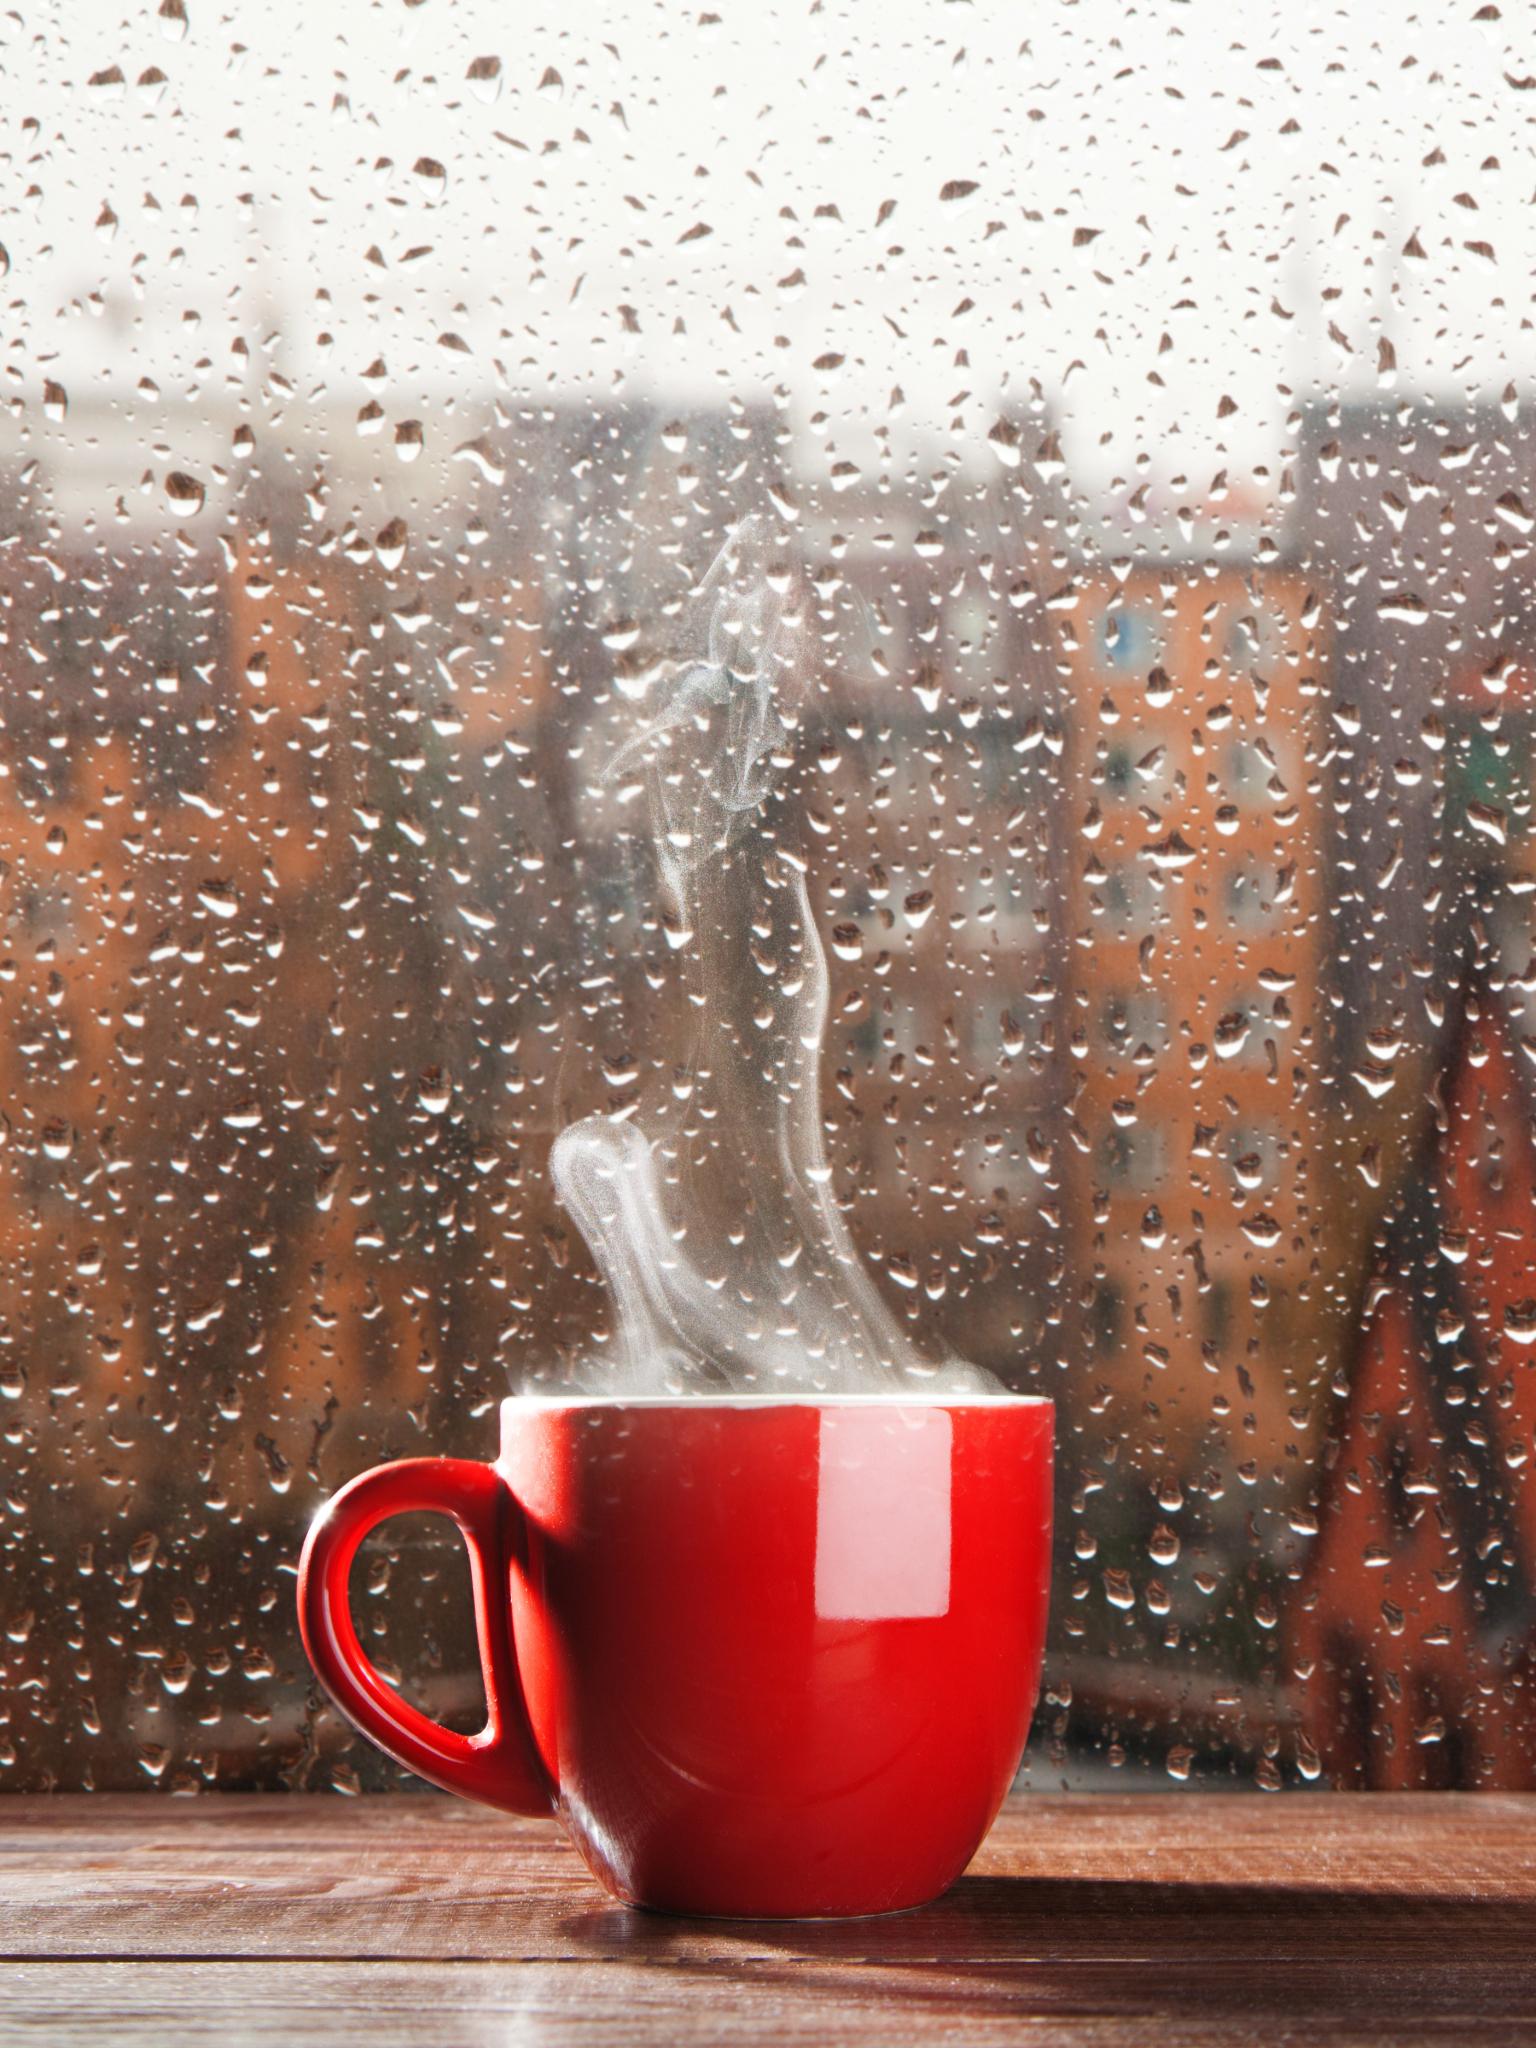 Картинки анимации хорошего дня если даже на улице дождь, надписью костя